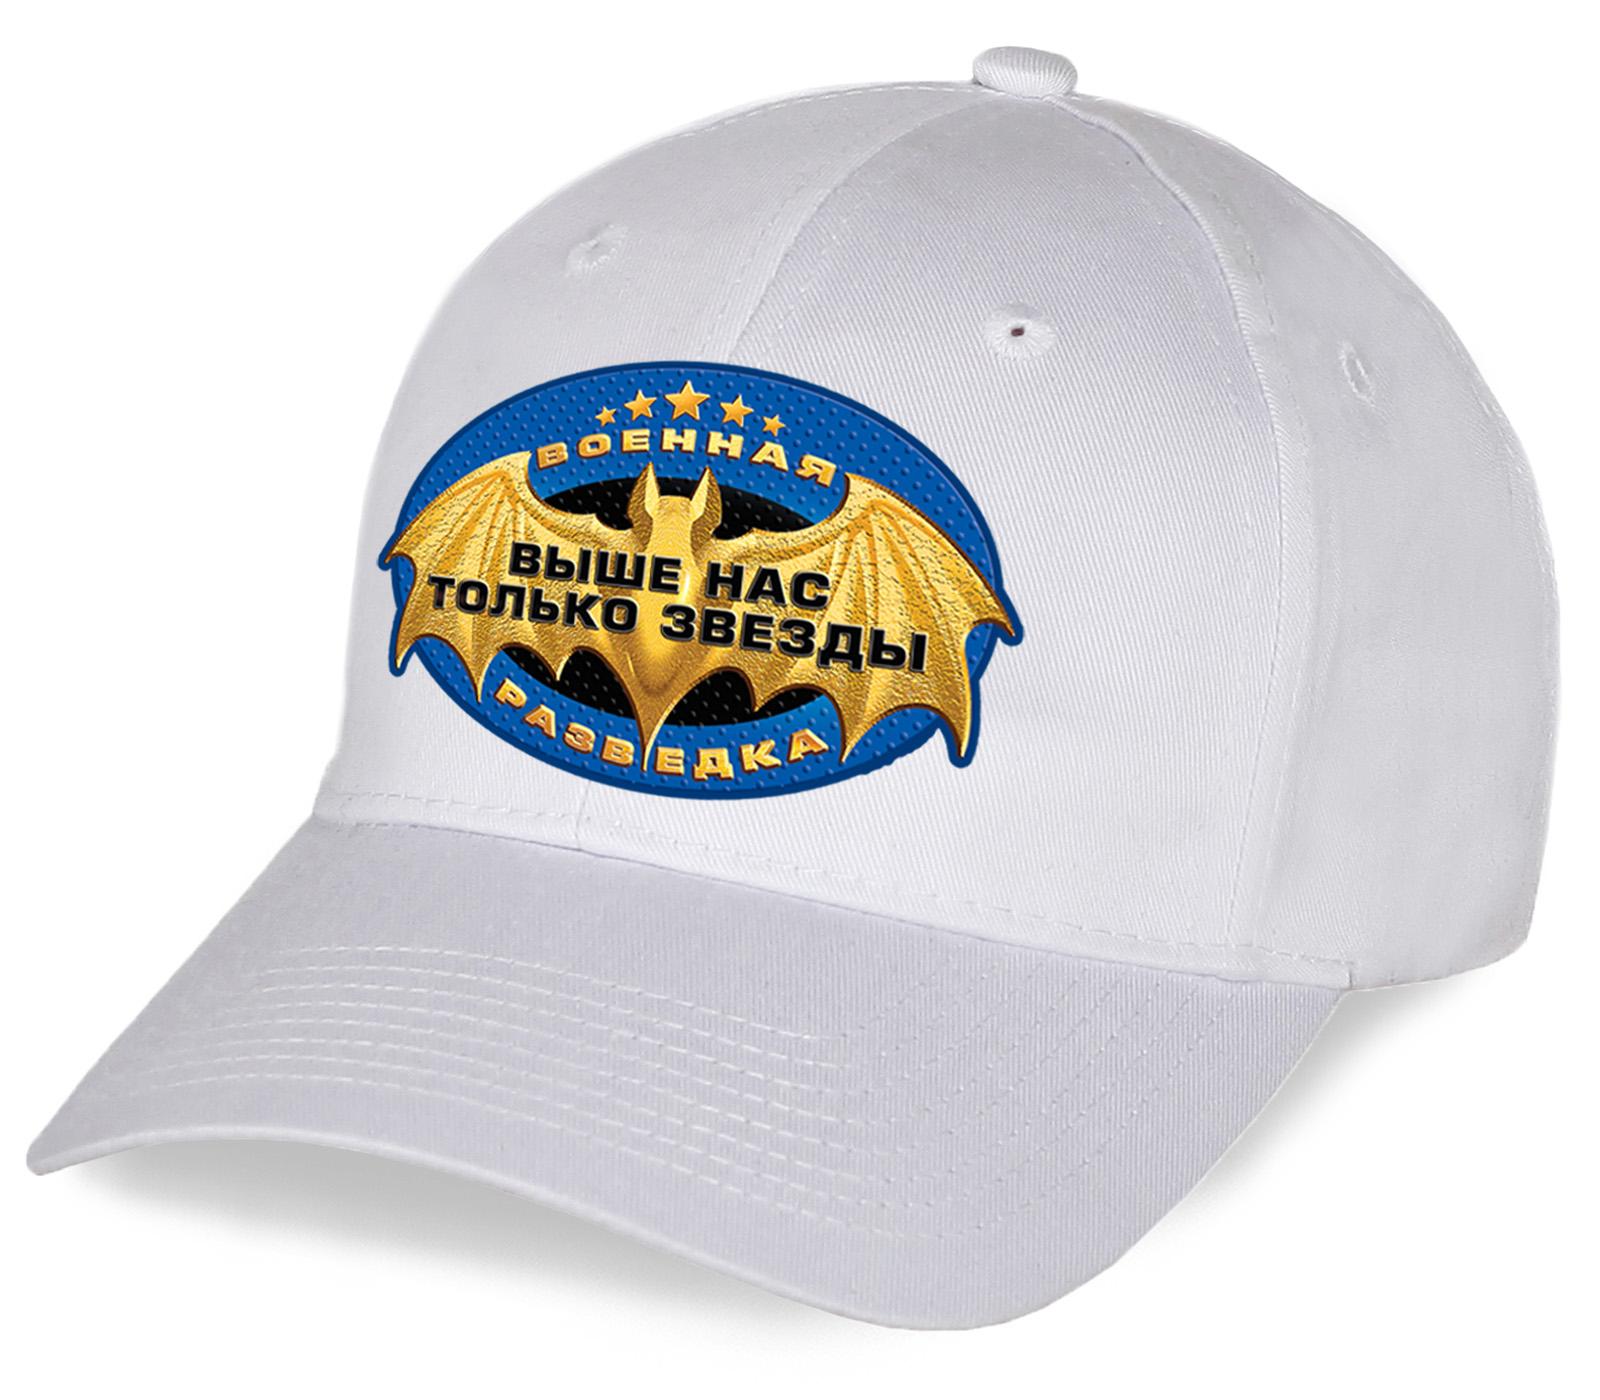 Крутым парням от дизайнеров Военпро – белоснежная кепка с принтом «Выше нас только звезды». Эксклюзивная серия для клиентов Военпро!